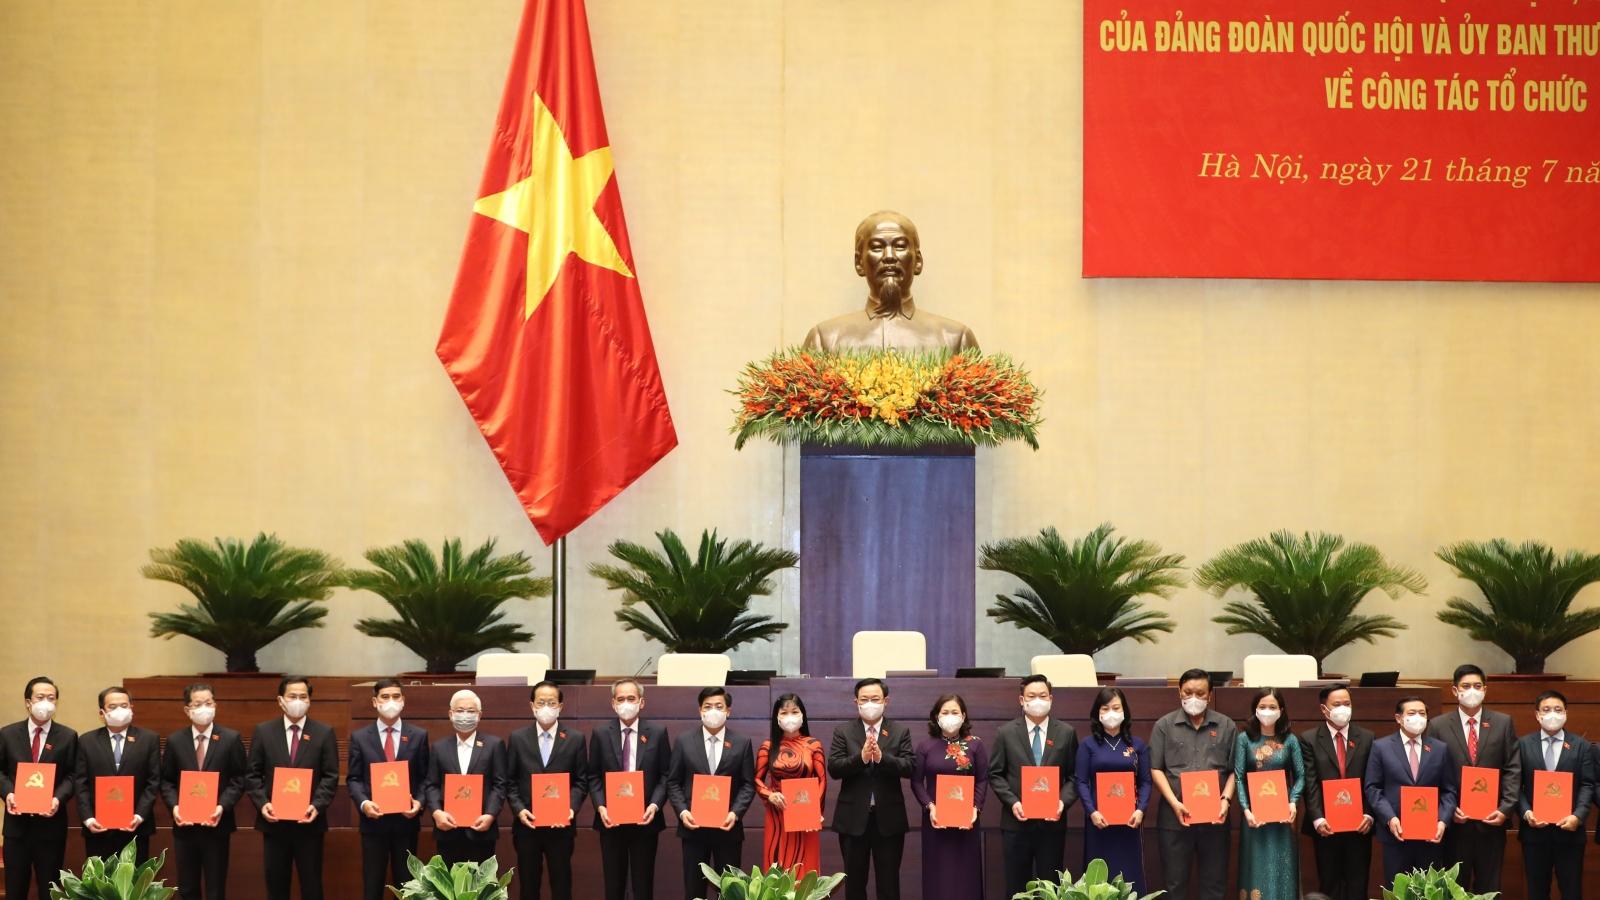 Chủ tịch Quốc hội dự Lễ công bố trao quyết định, nghị quyết về công tác cán bộ